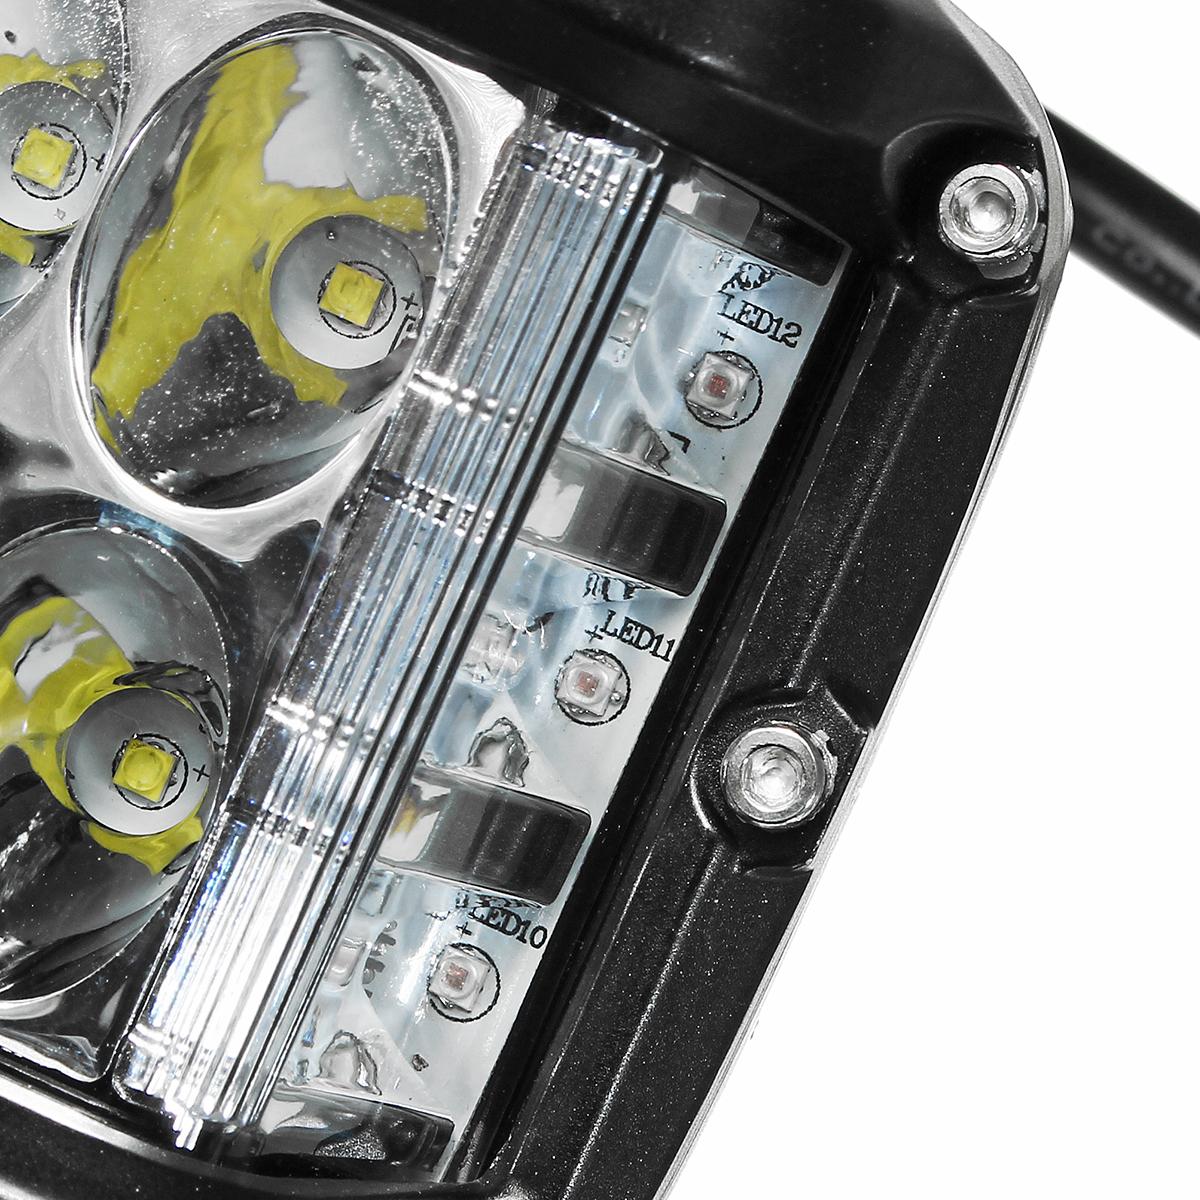 12V 10V-48V LED Work Fog Light Side Shooter Combo Dual Color Driving Offroad SUV Truck